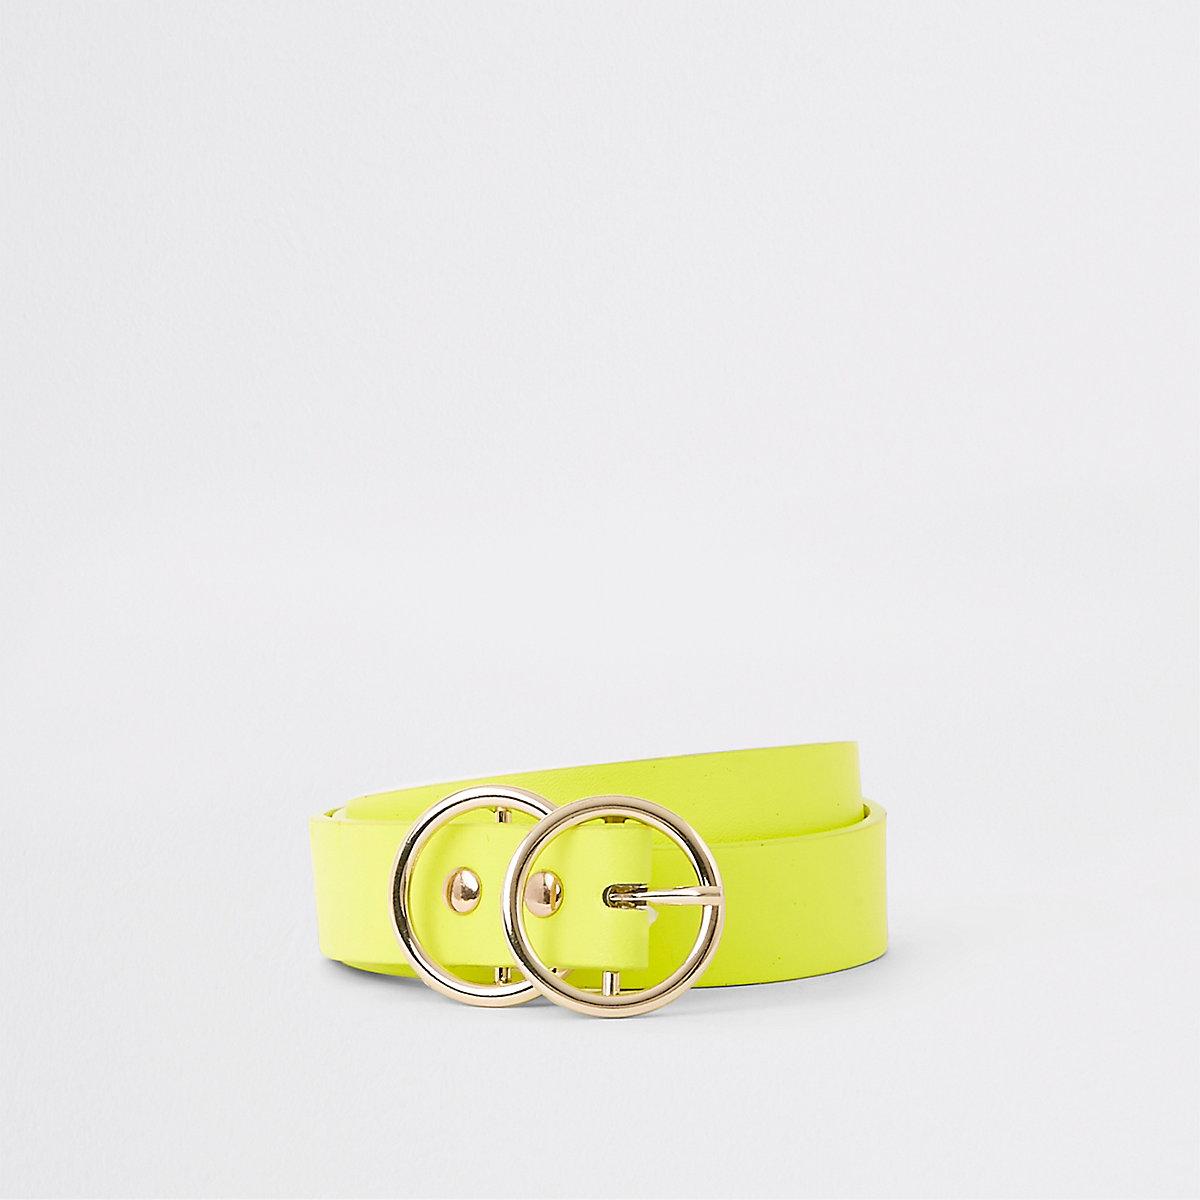 Mini ceinture jaune fluo à deux anneaux - Ceintures - Accessoires ... 945d63ffe8b